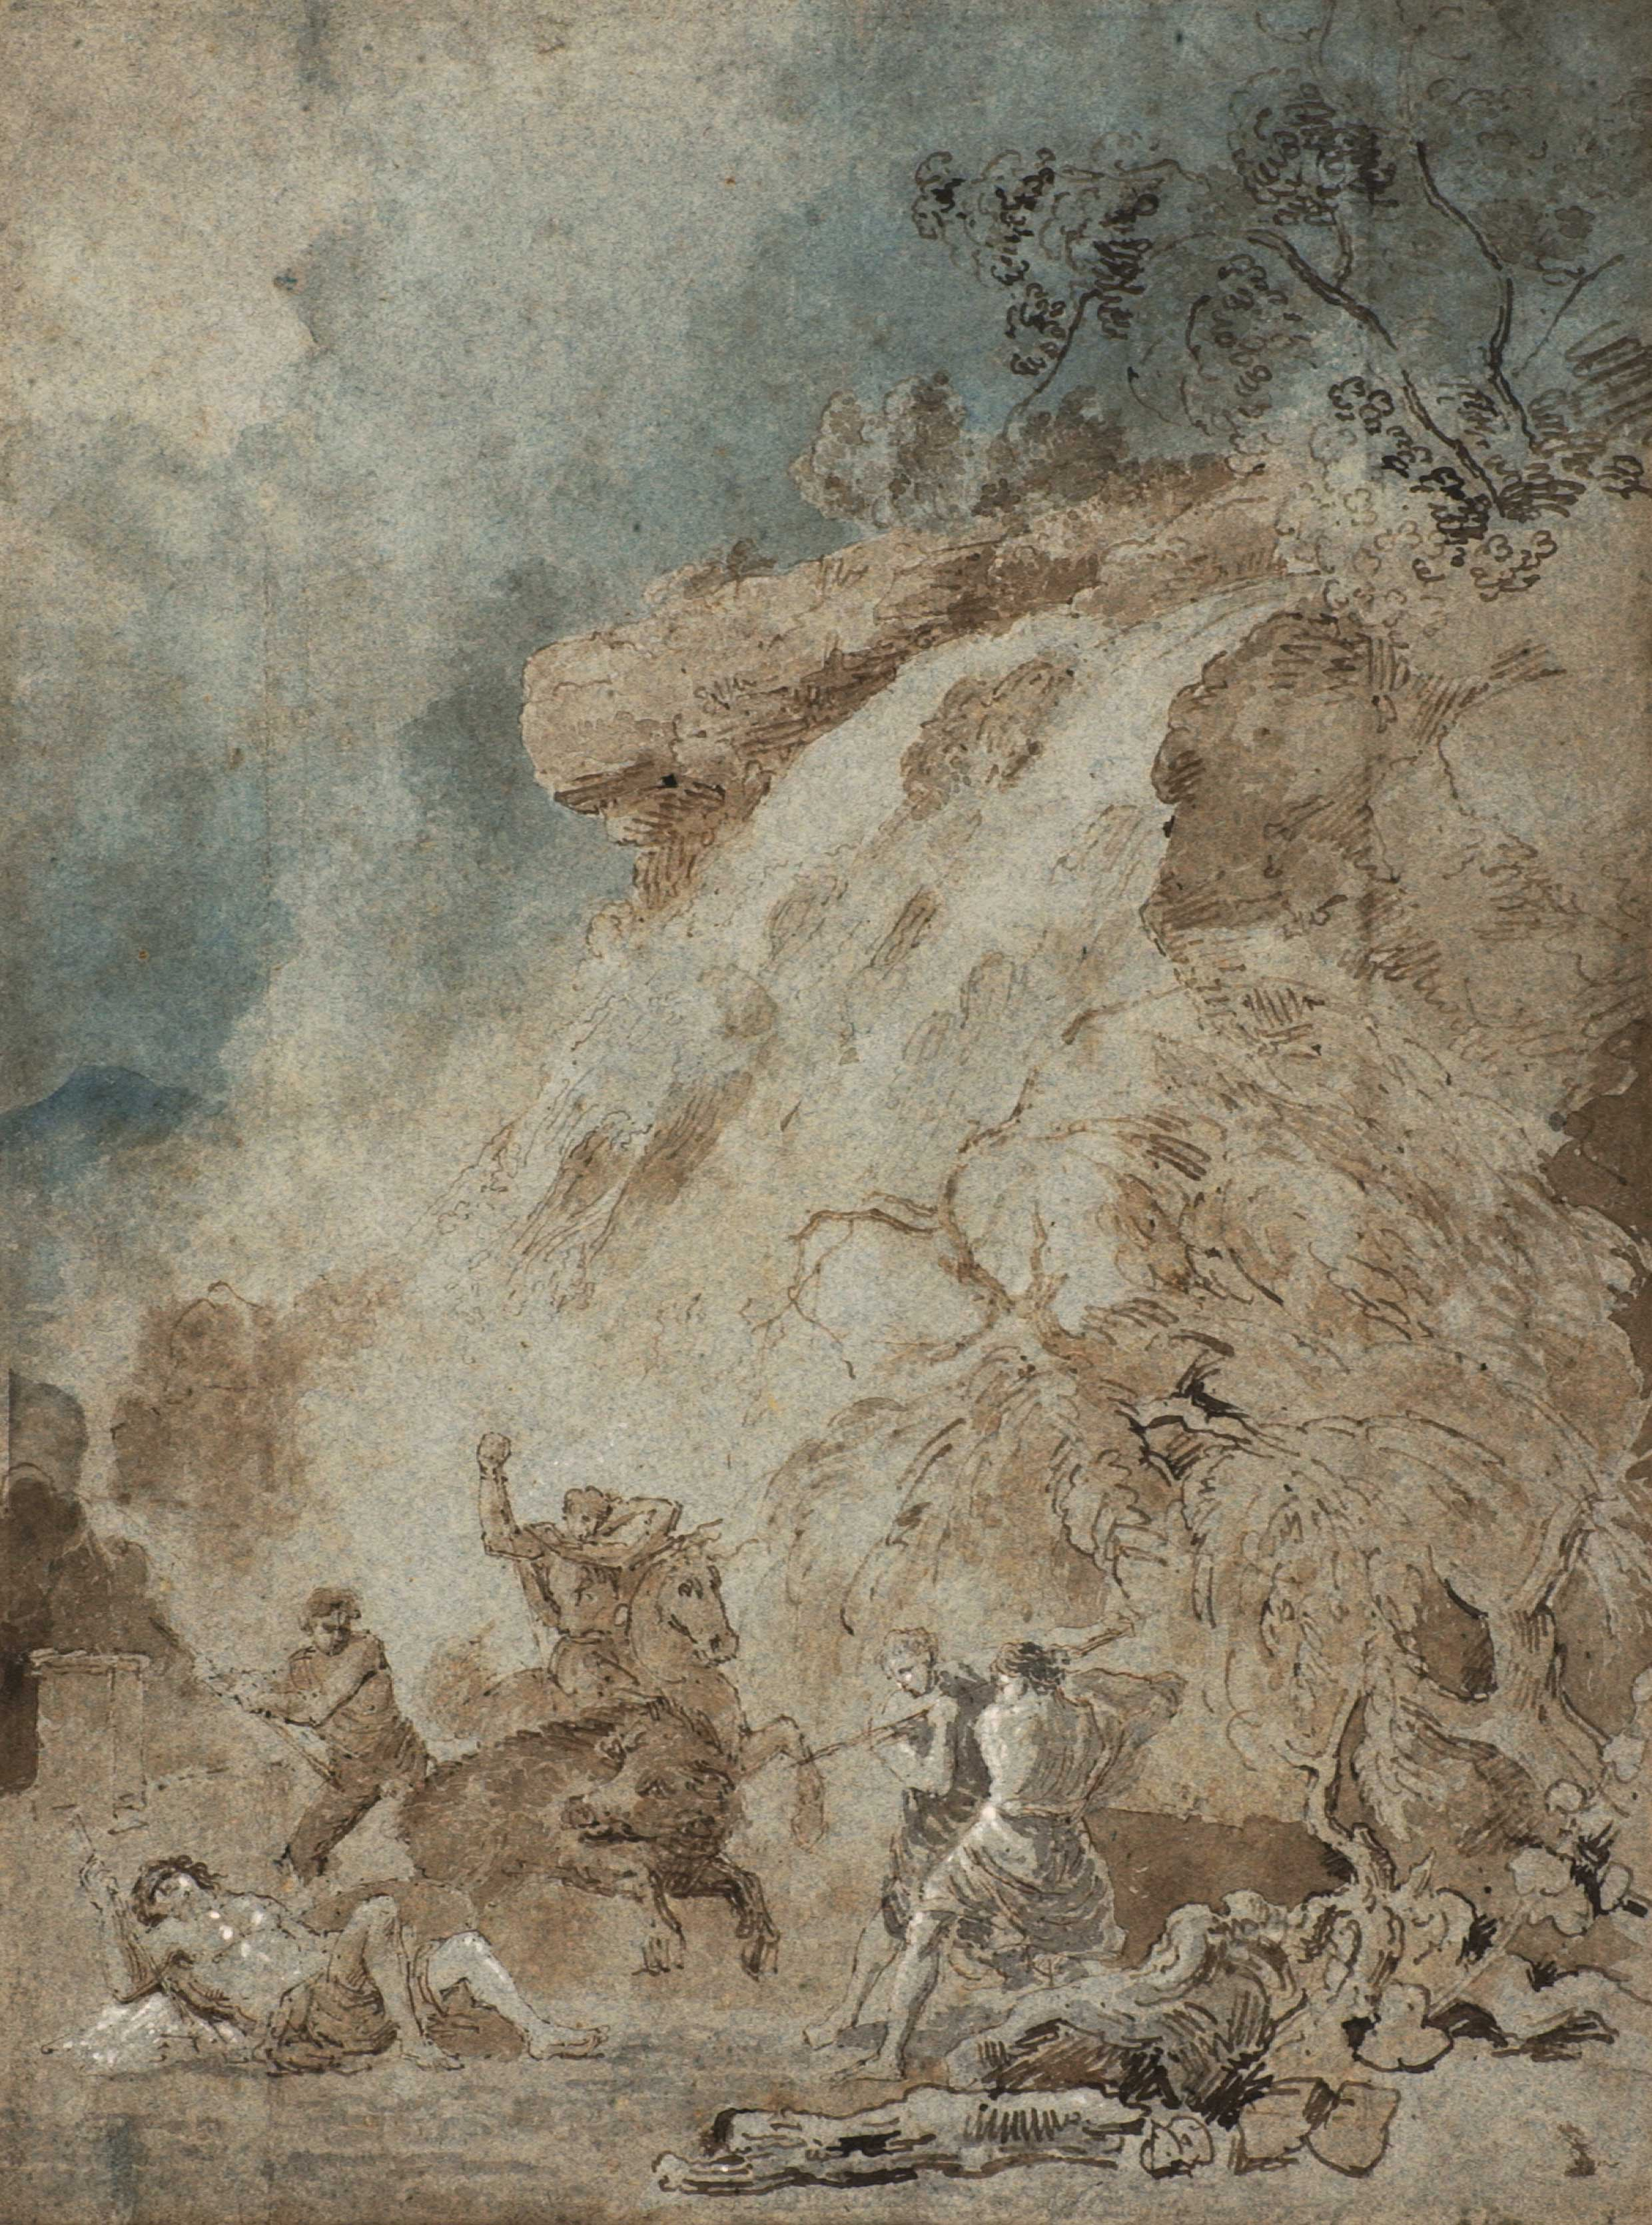 Meleager and Atalanta